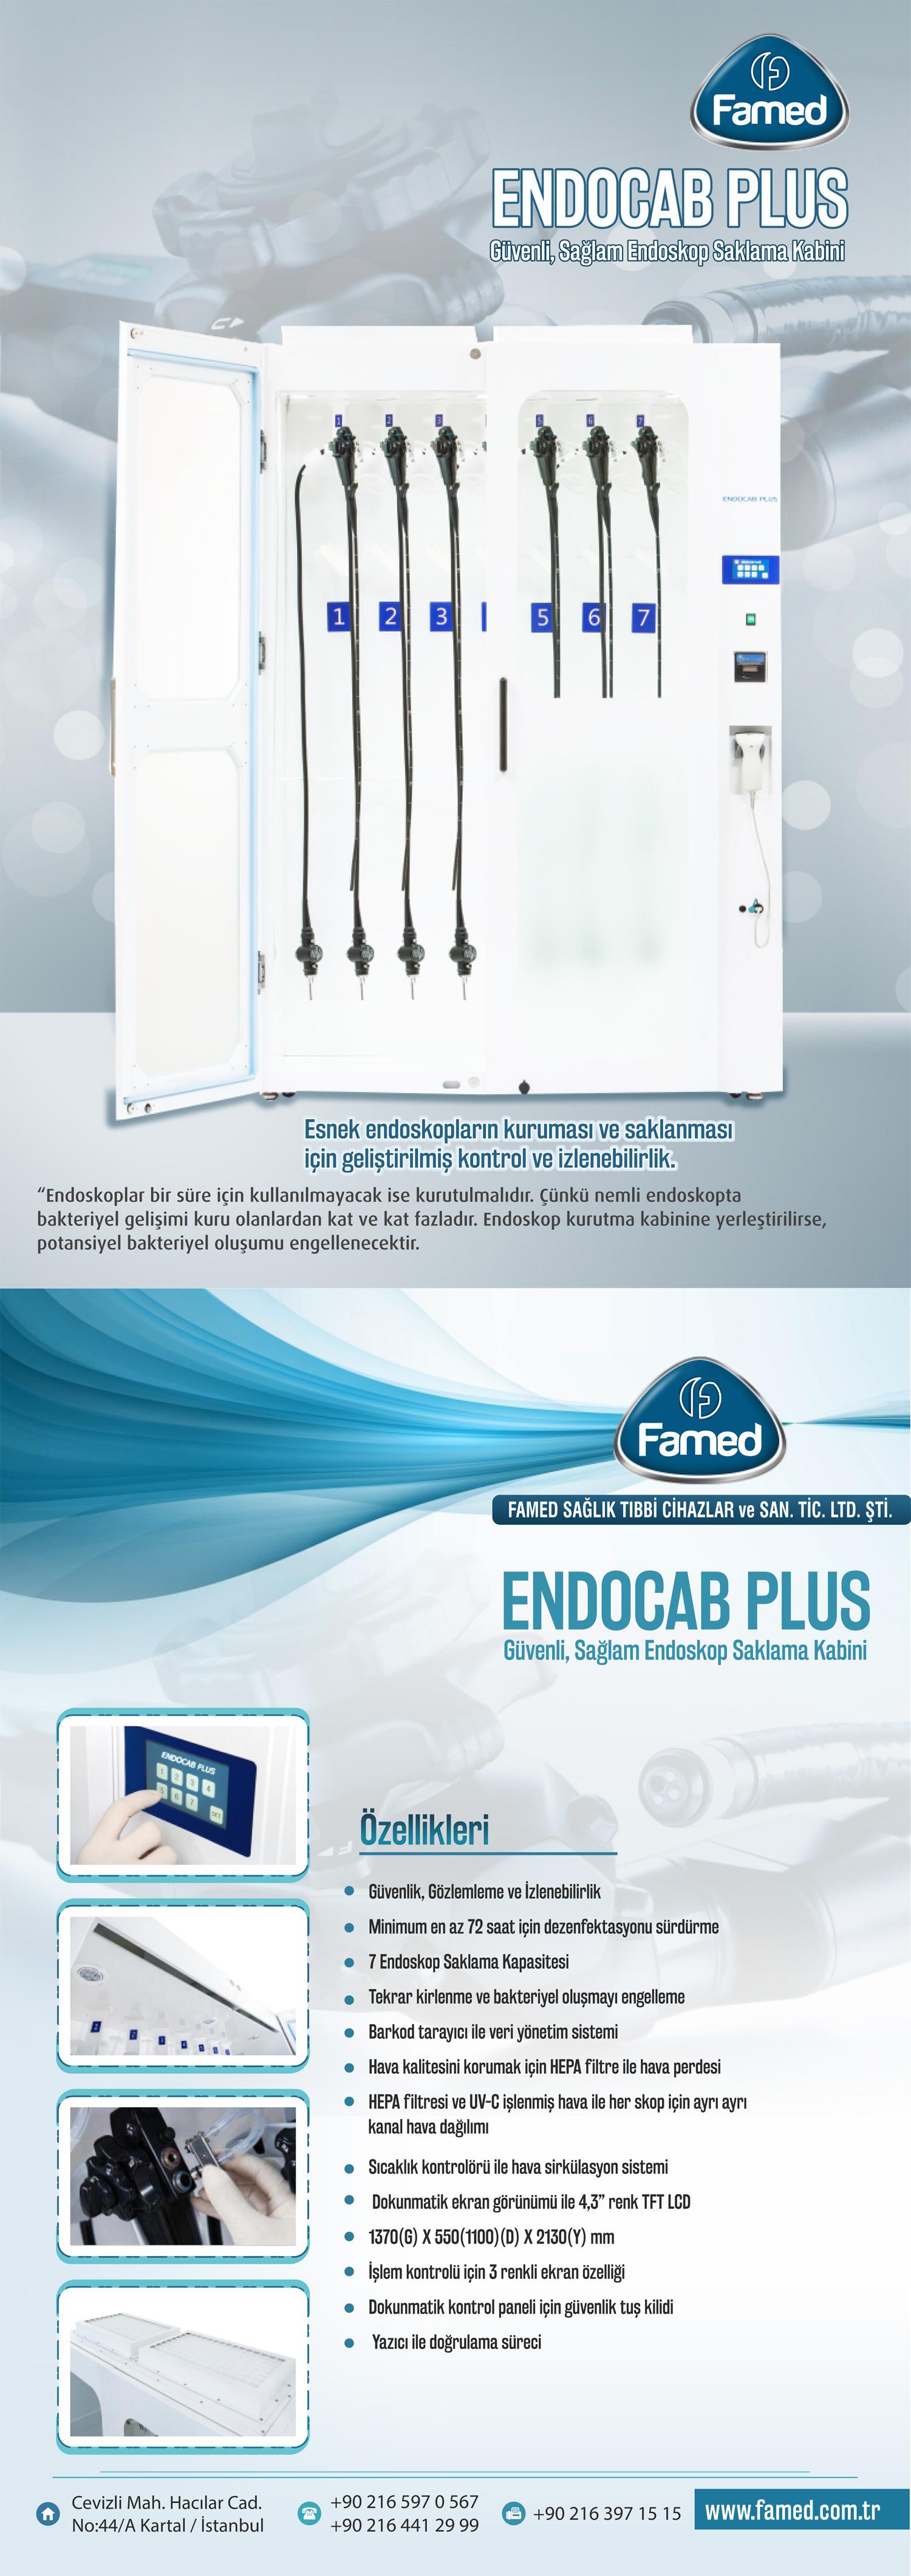 Endocap Plus 7